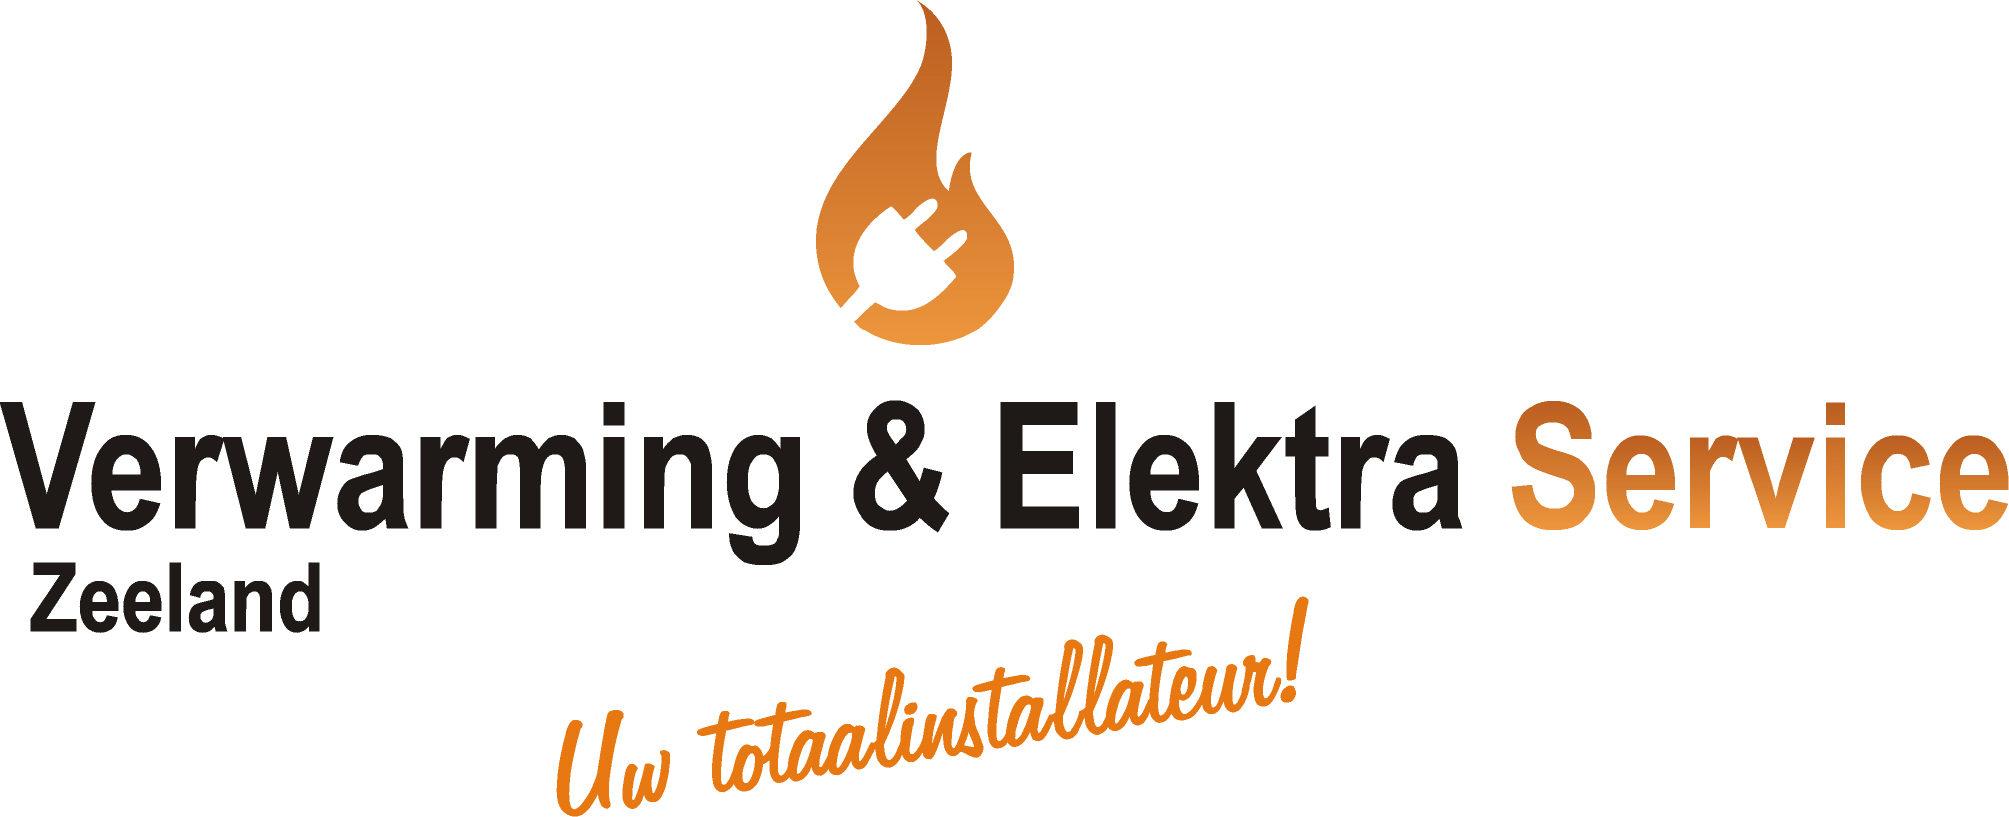 Verwarming – Elektra – Gas – Riolering – Sanitair – PV-Panelen – Ventilatie – Onderhoud – Airconditioning Koelsystemen – EPDM Daken – Isoleren – Warmtepompen – Domotica – Loodgieter – Duurzame Energie